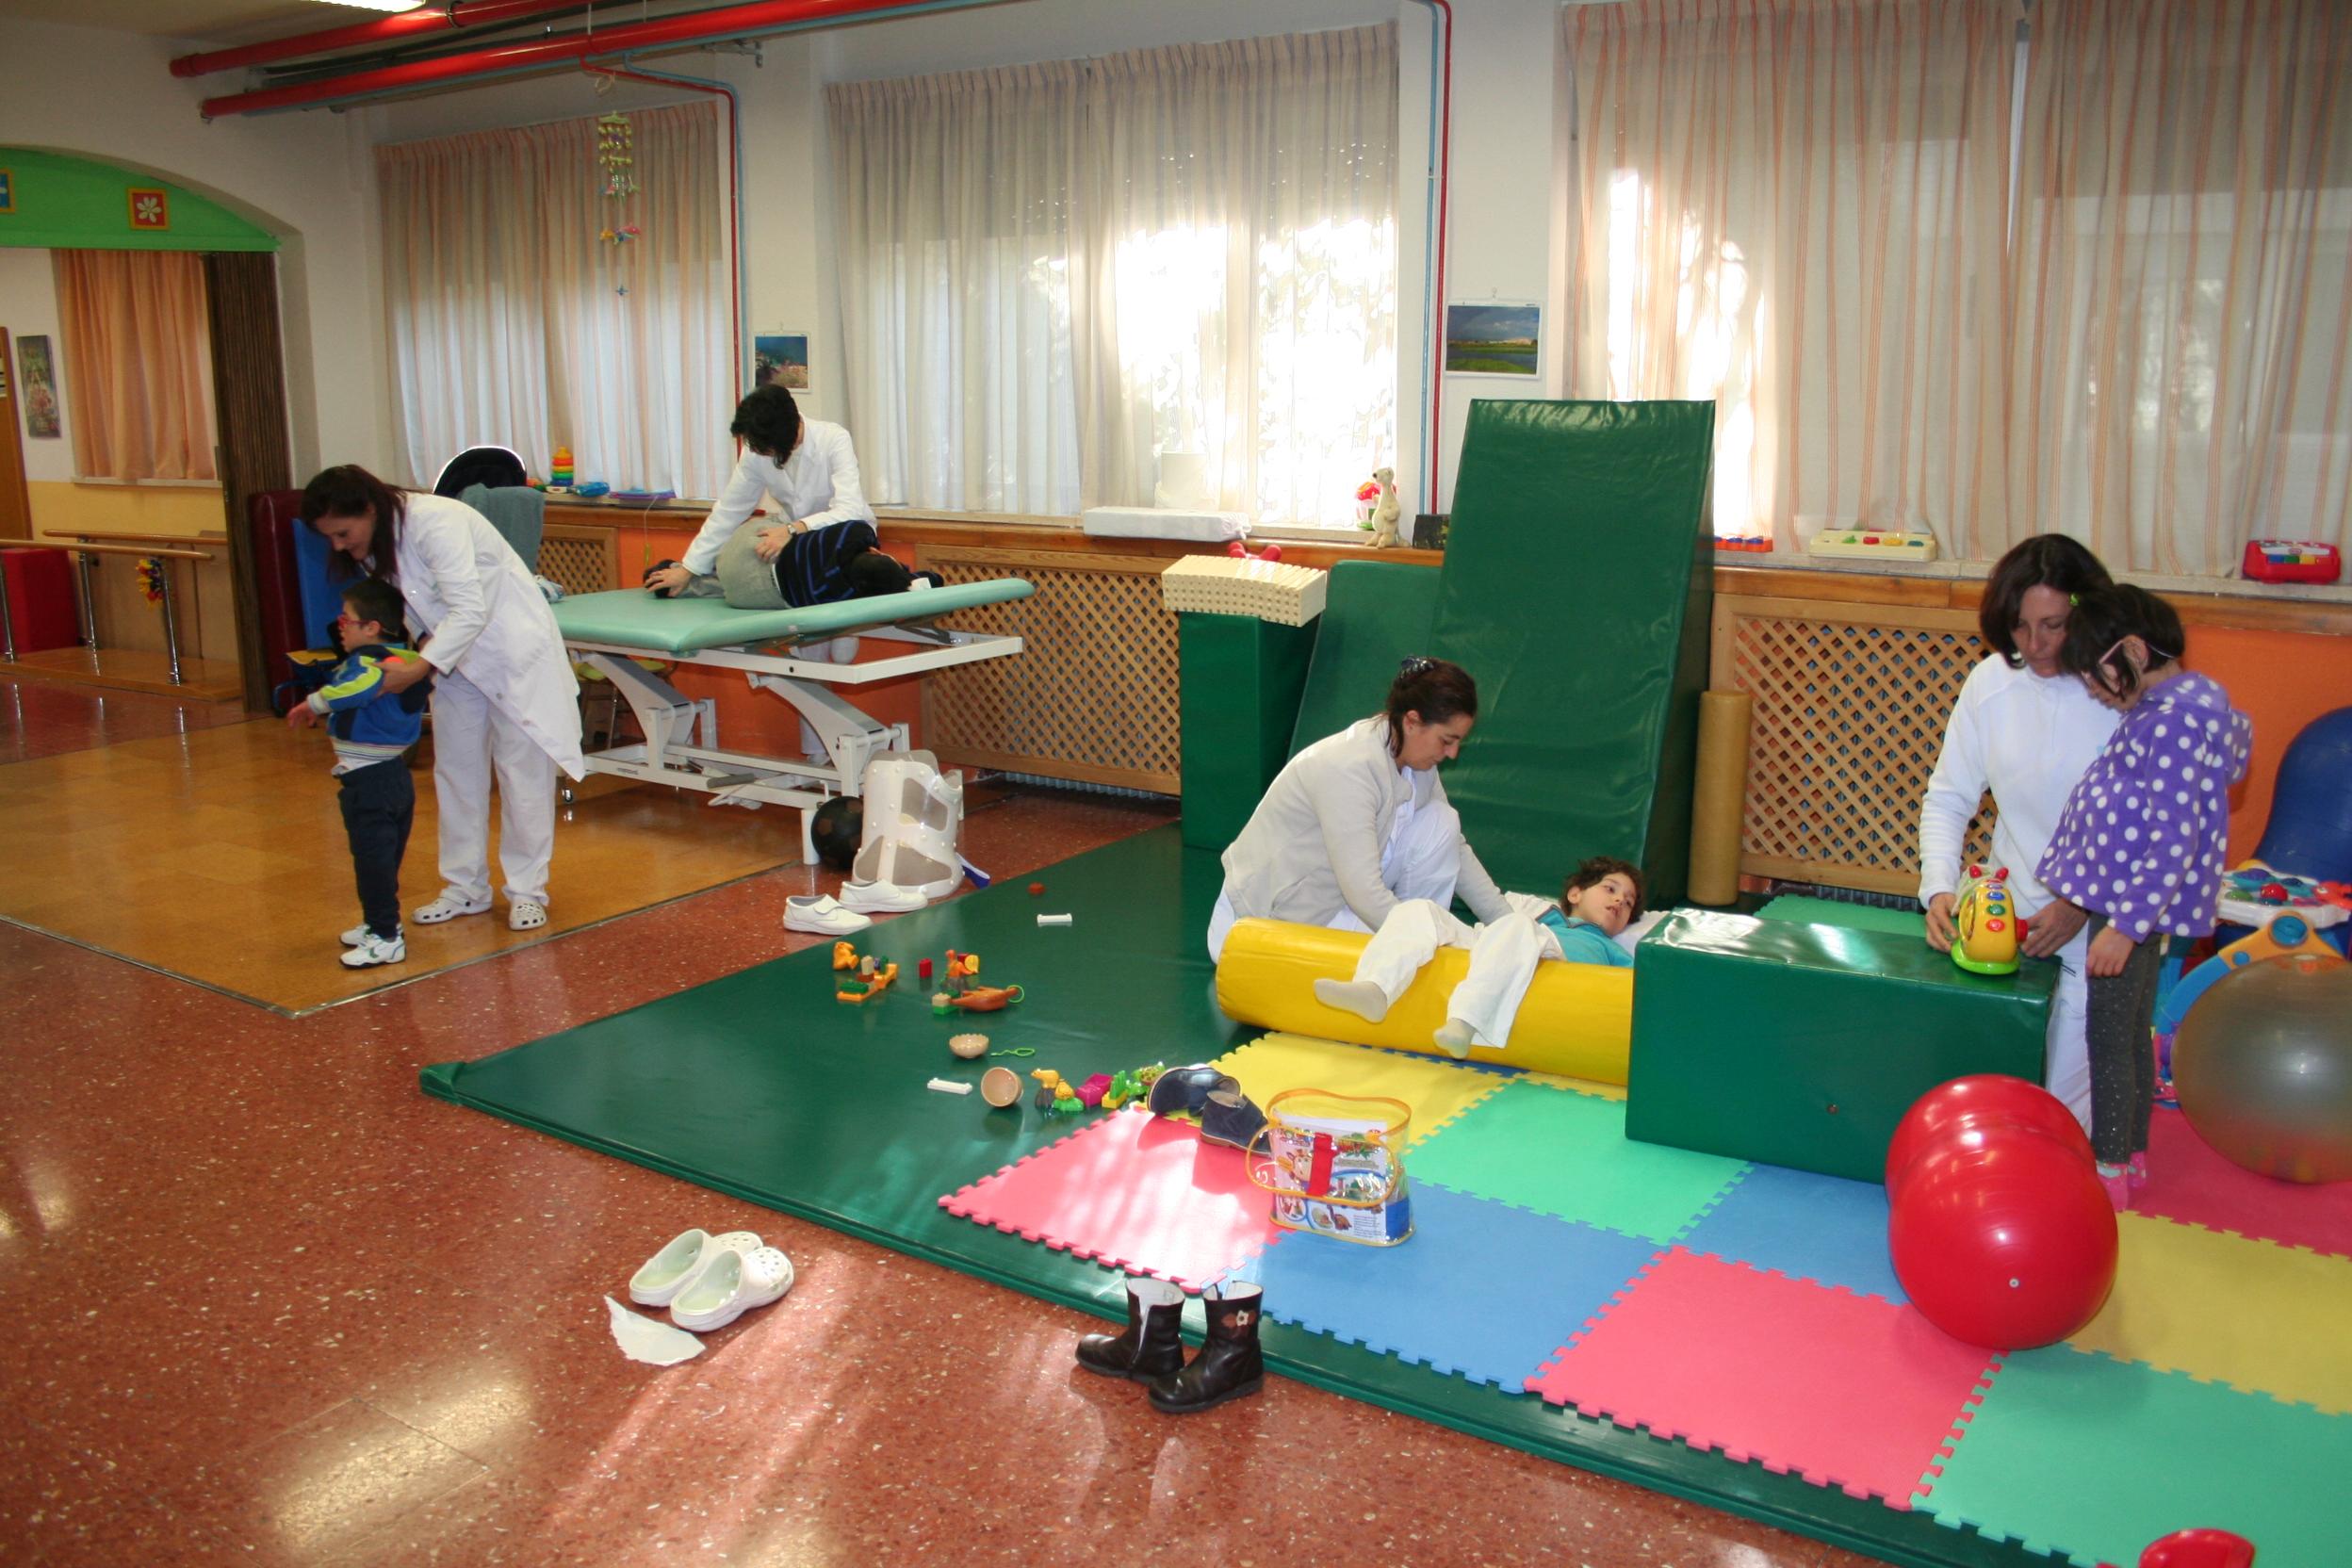 Destinan casi 760.000 euros a la mejora del centro de Educación Especial Jean Piaget de Ogíjares